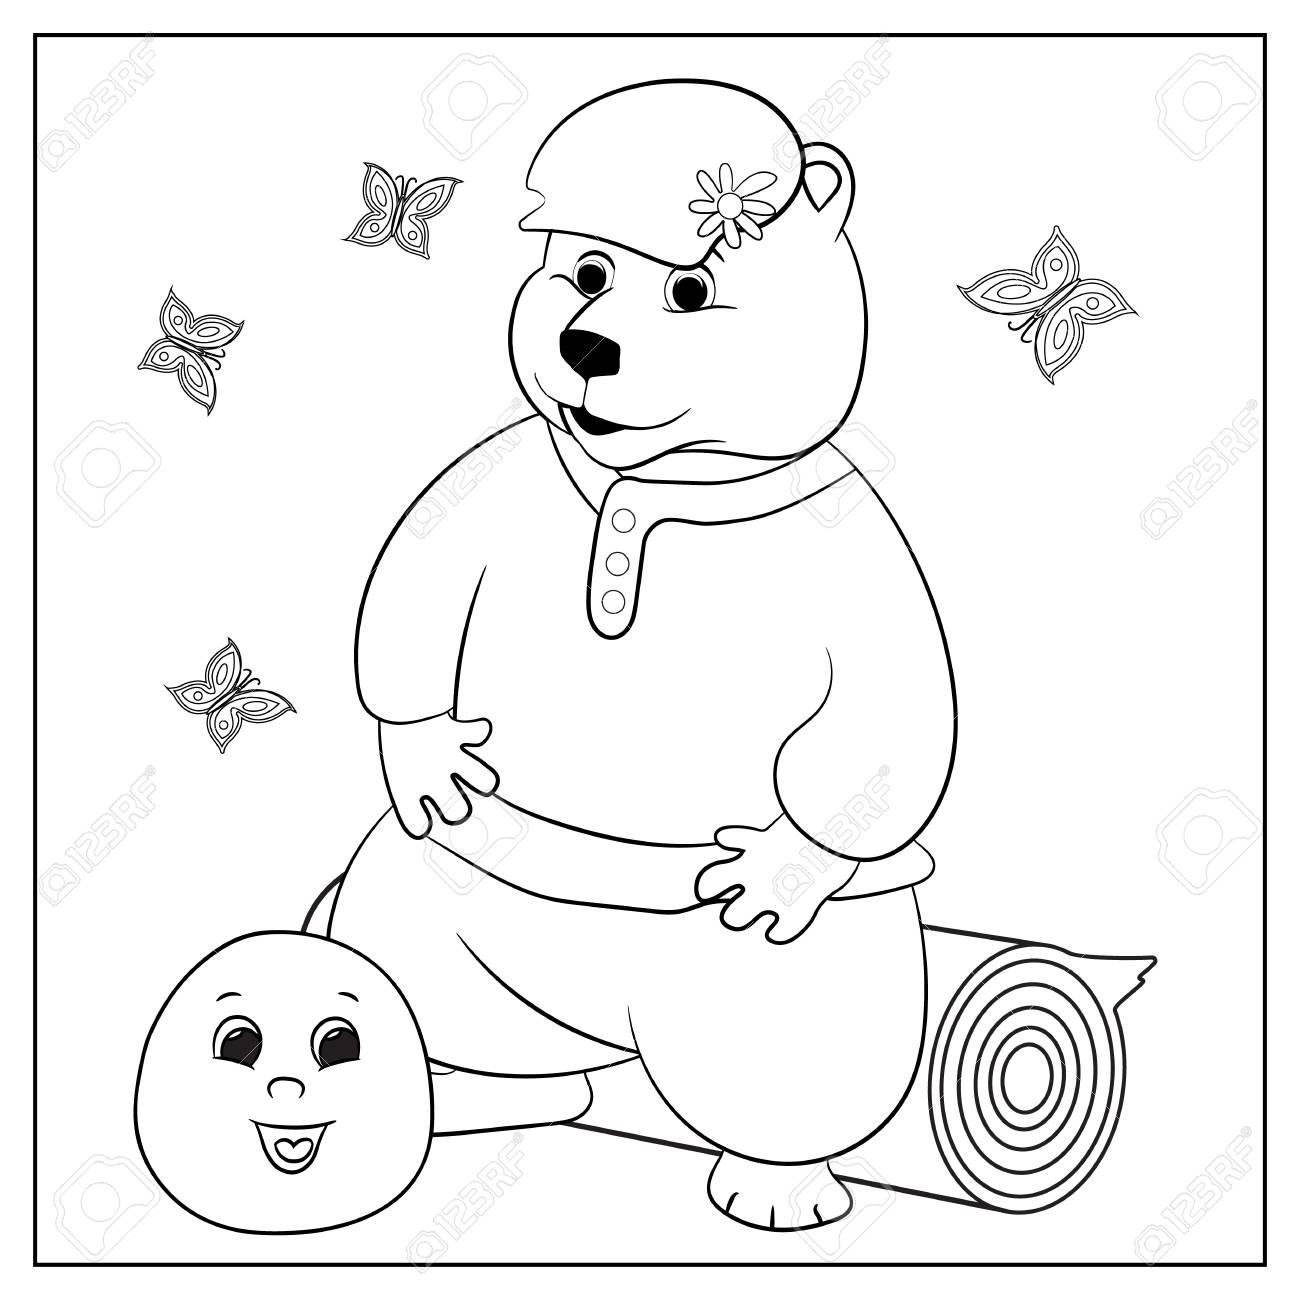 Photos à Colorier Avec Des Crayons De Couleur Peintures La Créativité Russe Images Drôles Avec Des Animaux Et Un Personnage Fictif Coloriage Pour